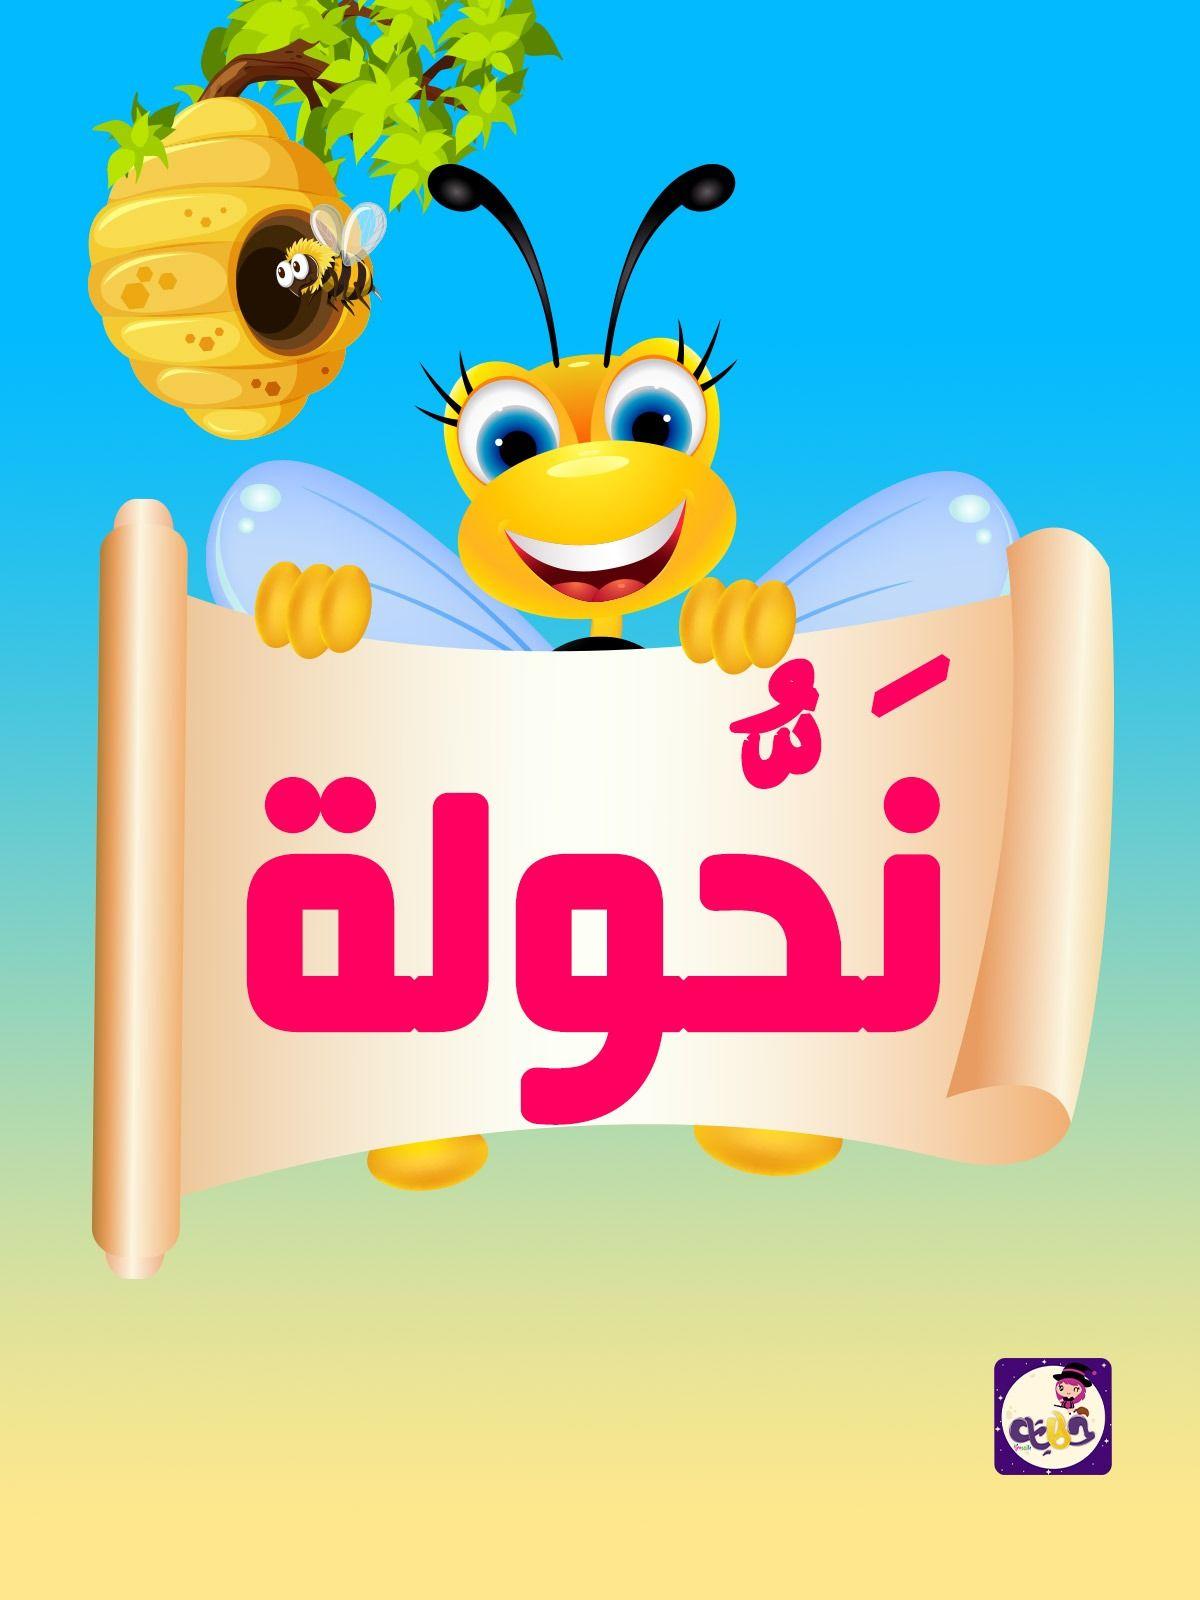 قصة قصيرة عن النشاط للاطفال بالصور قصة نحولة تطبيق حكايات بالعربي Arabic Kids Stories For Kids Art Drawings